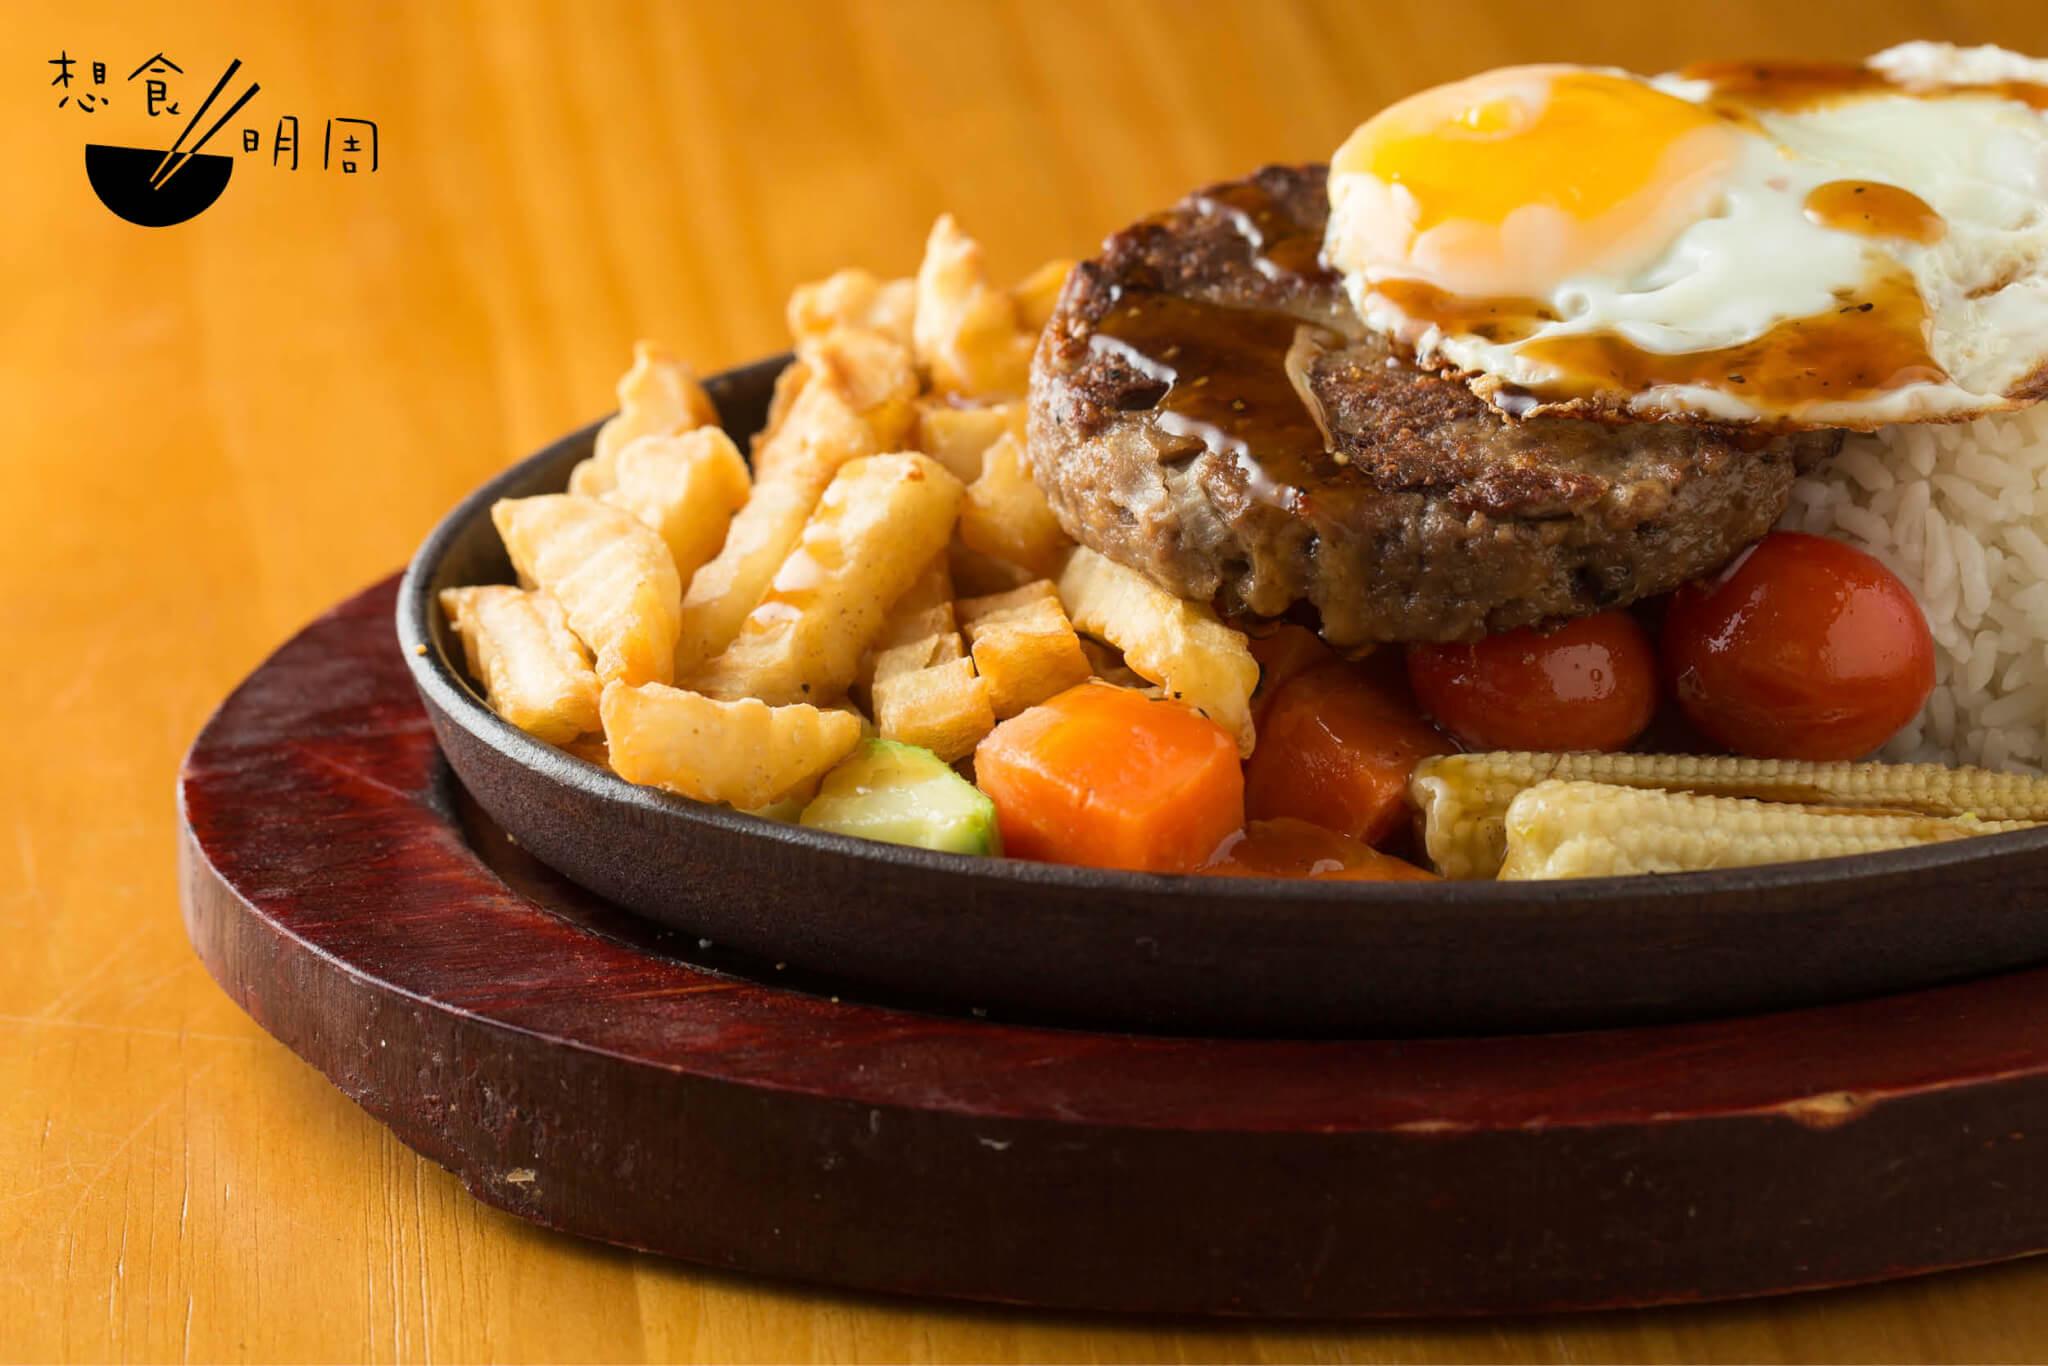 鐵板IMPOSSIBLE漢堡扒煎蛋飯配黑椒汁 // 現成素漢堡經廚師再次調製,並搓 入洋葱粒、麵包糠,製成漢堡扒,連同煎薯菜、煎蛋一同上碟。上桌時依然「滋滋」作響,正是港式快餐不能缺少的滋味。($88)